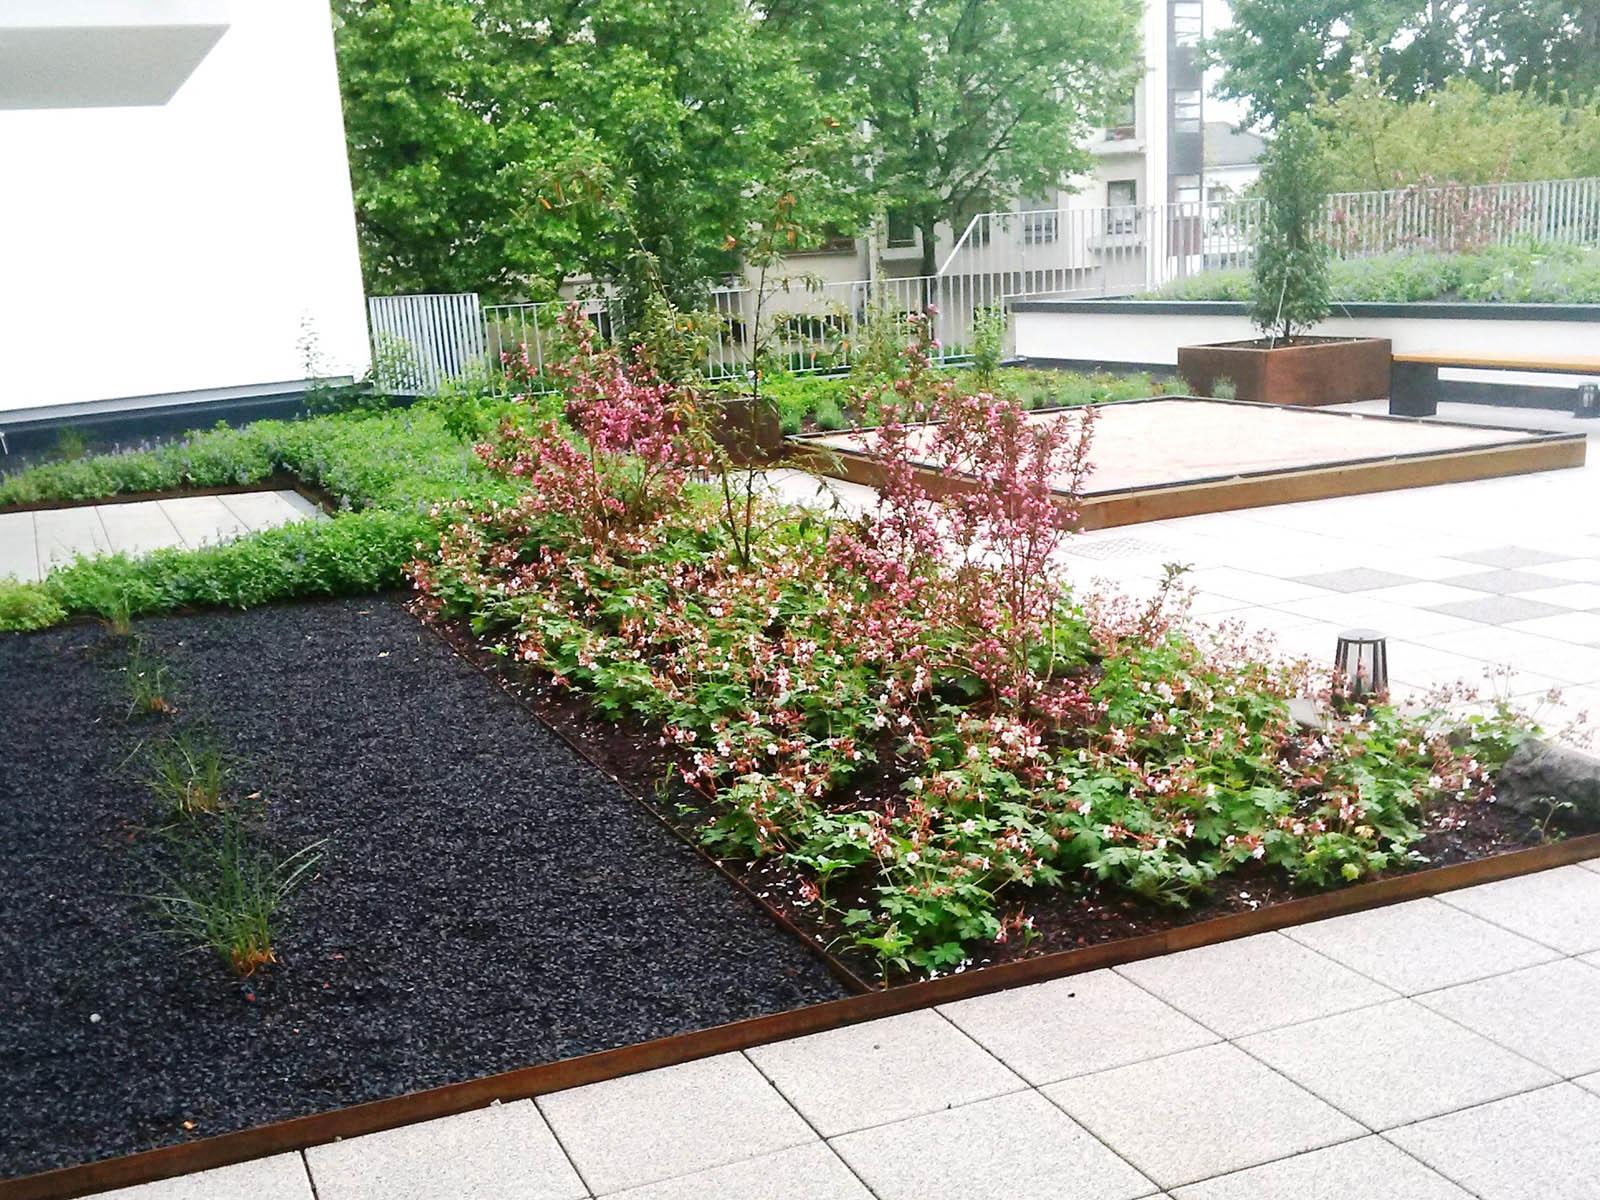 dachbegr nungen weiland gr nbau garten und landschaftsbau aus mannheim. Black Bedroom Furniture Sets. Home Design Ideas